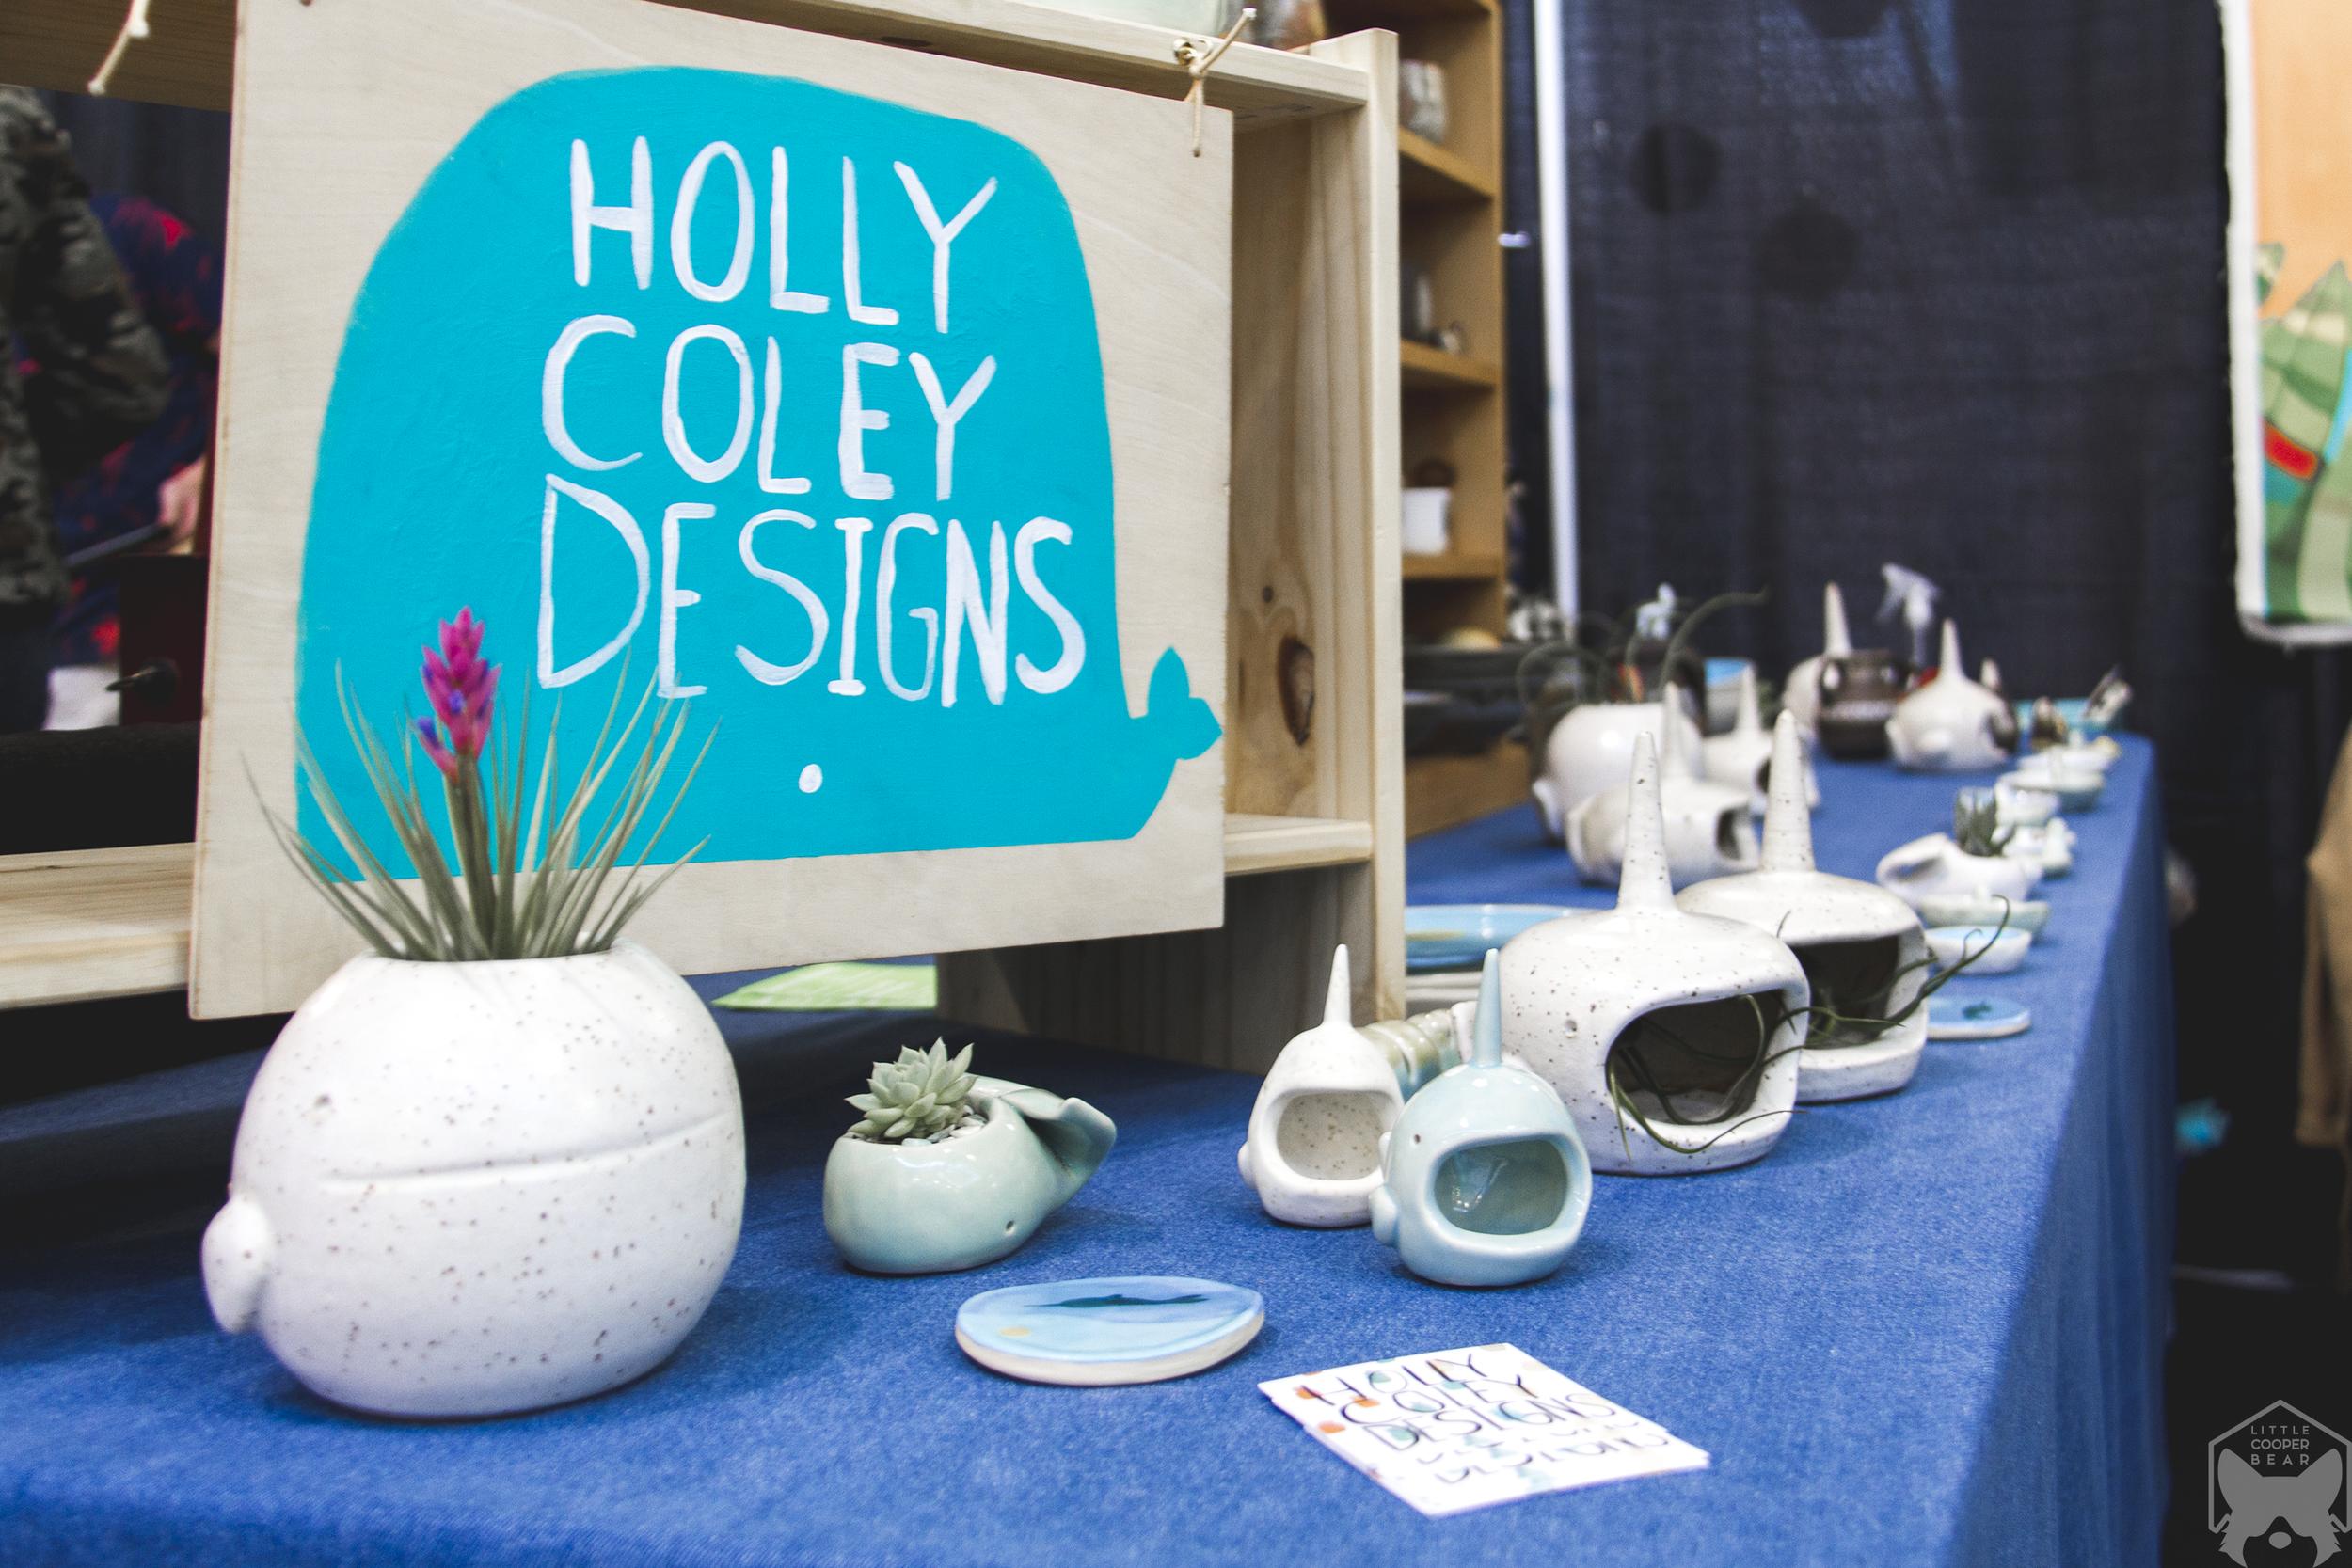 Holly Coley Designs